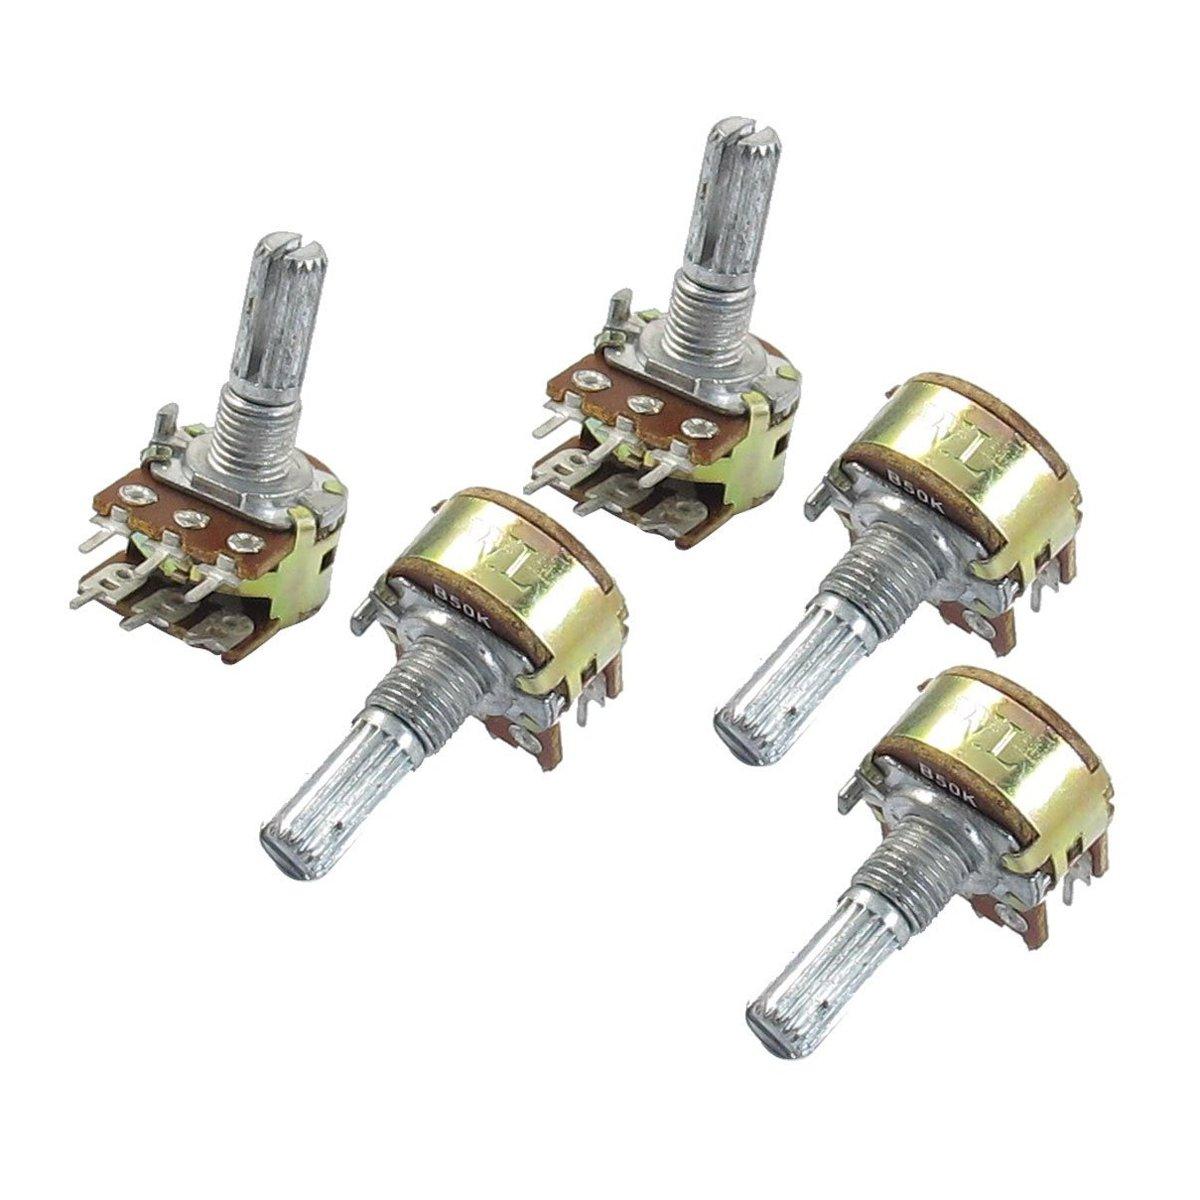 SODIAL(R) 5 Pcs B50K 50K ohm 6 Pins Split Shaft Rotary Linear Dual Taper Potentiometers 5pcs b1m 13mm knurled shaft rotary single linear taper potentiometers